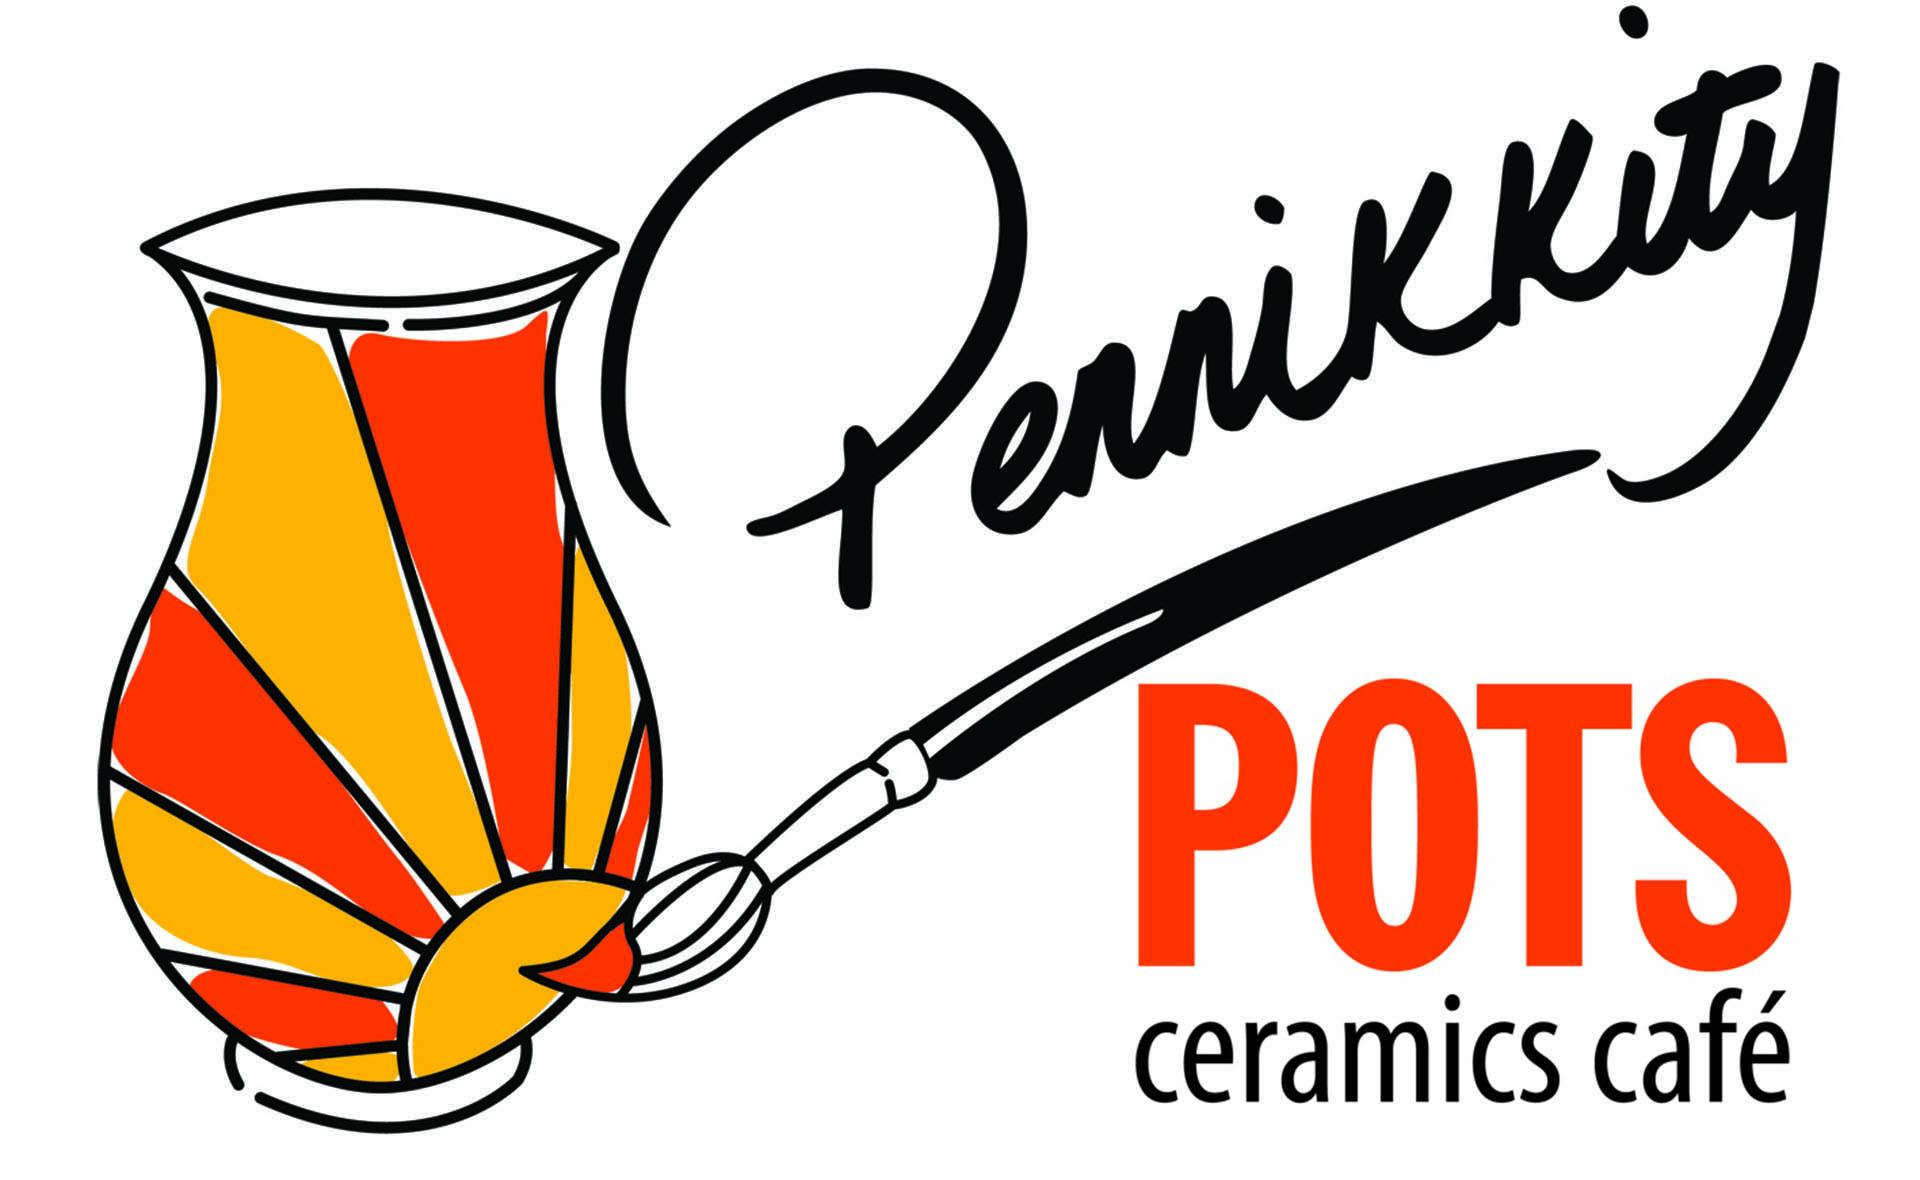 Pennikkity Pots Ceramics Cafe's logo